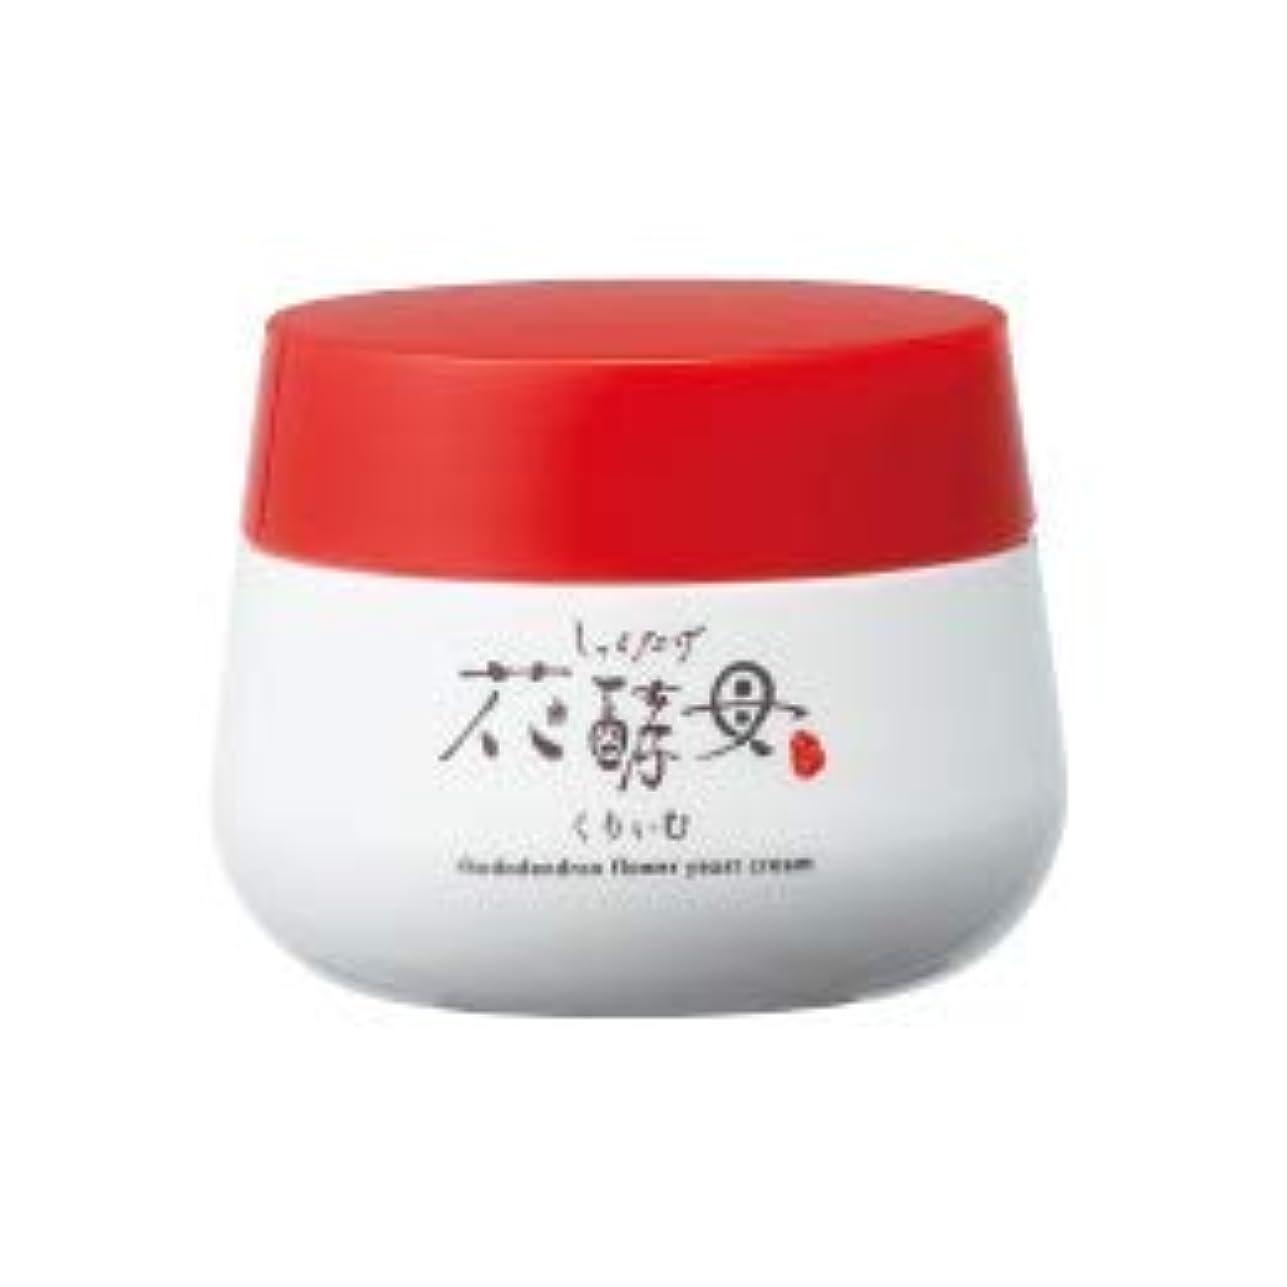 壊す開発最適豆腐の盛田屋 豆花水 しゃくなげ花酵母くりぃむ 30g